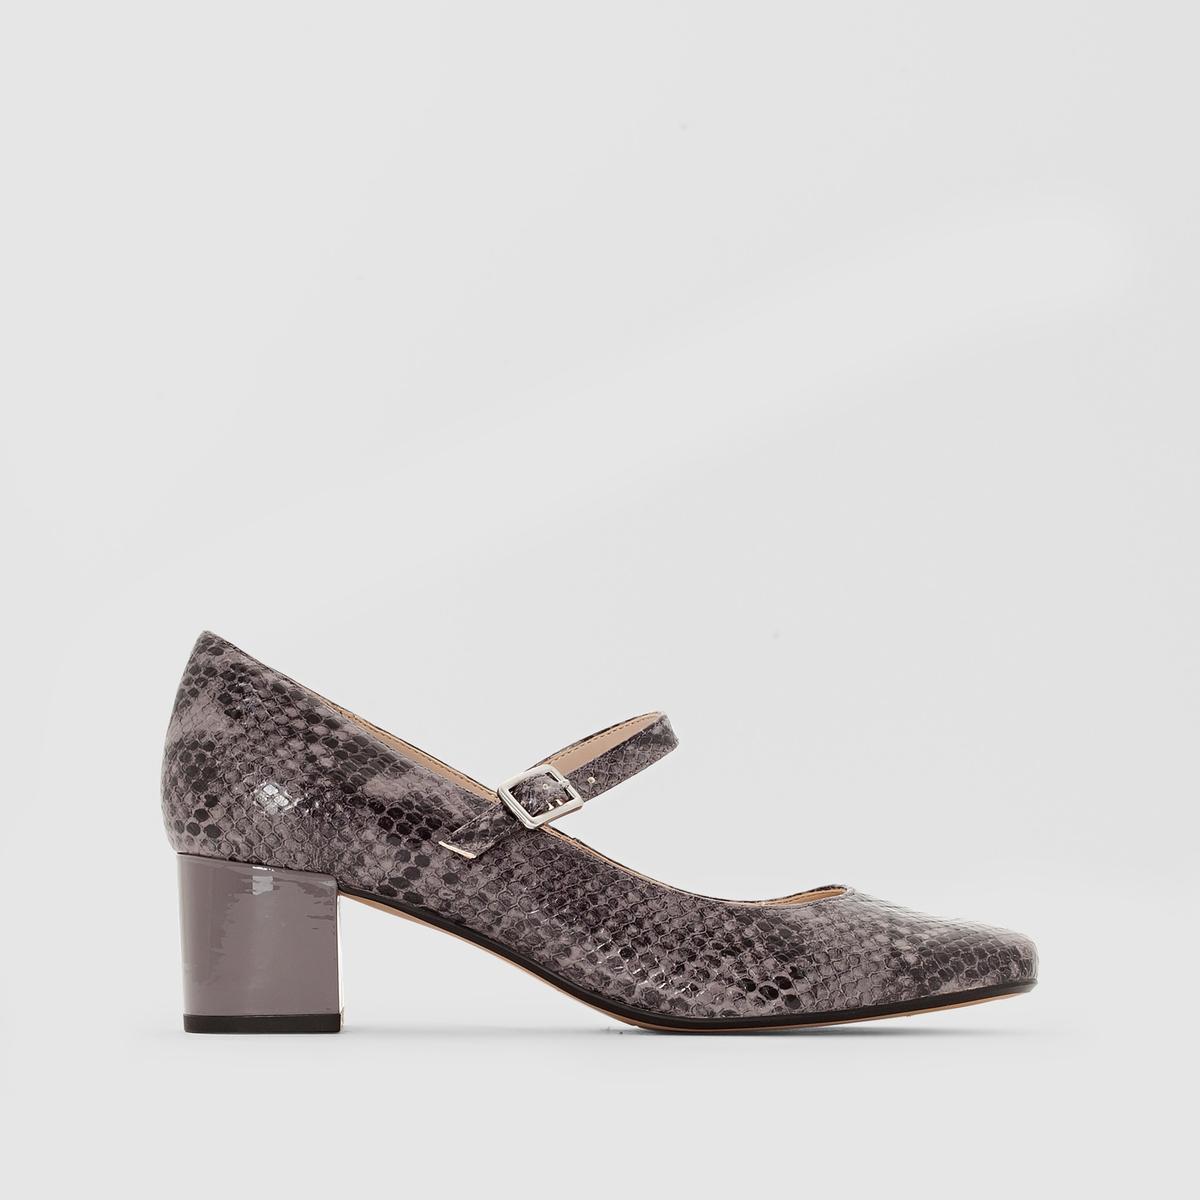 Туфли CLARKS CHINABERRY POPПреимущества : туфли CLARKS с технологией Cushion Plus, голенище из кожи под питона, эксклюзивный и сногсшибательный вид.<br><br>Цвет: под питона<br>Размер: 38